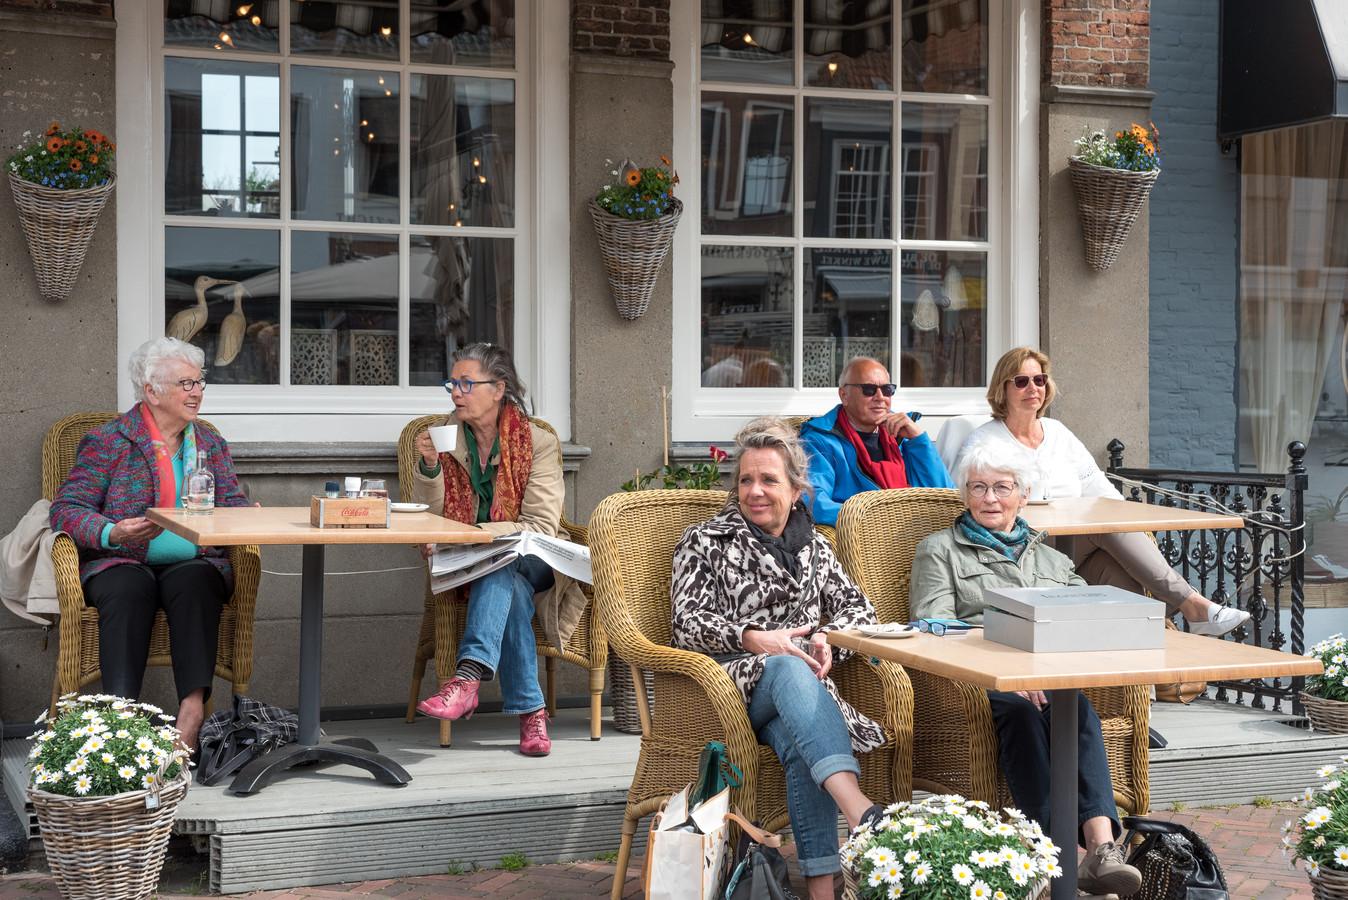 """Vaste gasten claimen gelijk om 12.00 uur hun plek bij restaurant De Beuze in Zierikzee. Links bij raam Leny Born (l) en Bea Poppe, middenvoor dochter Marjo (l) en moeder Ina Giljam (r), en rechts bij het raam Maarten en Jolande Hardon. Marjo en Ina genieten vooral van het mensen kijken. ,,Als we in de stad zijn, gaan we altijd hier bij De Beuze zitten."""""""